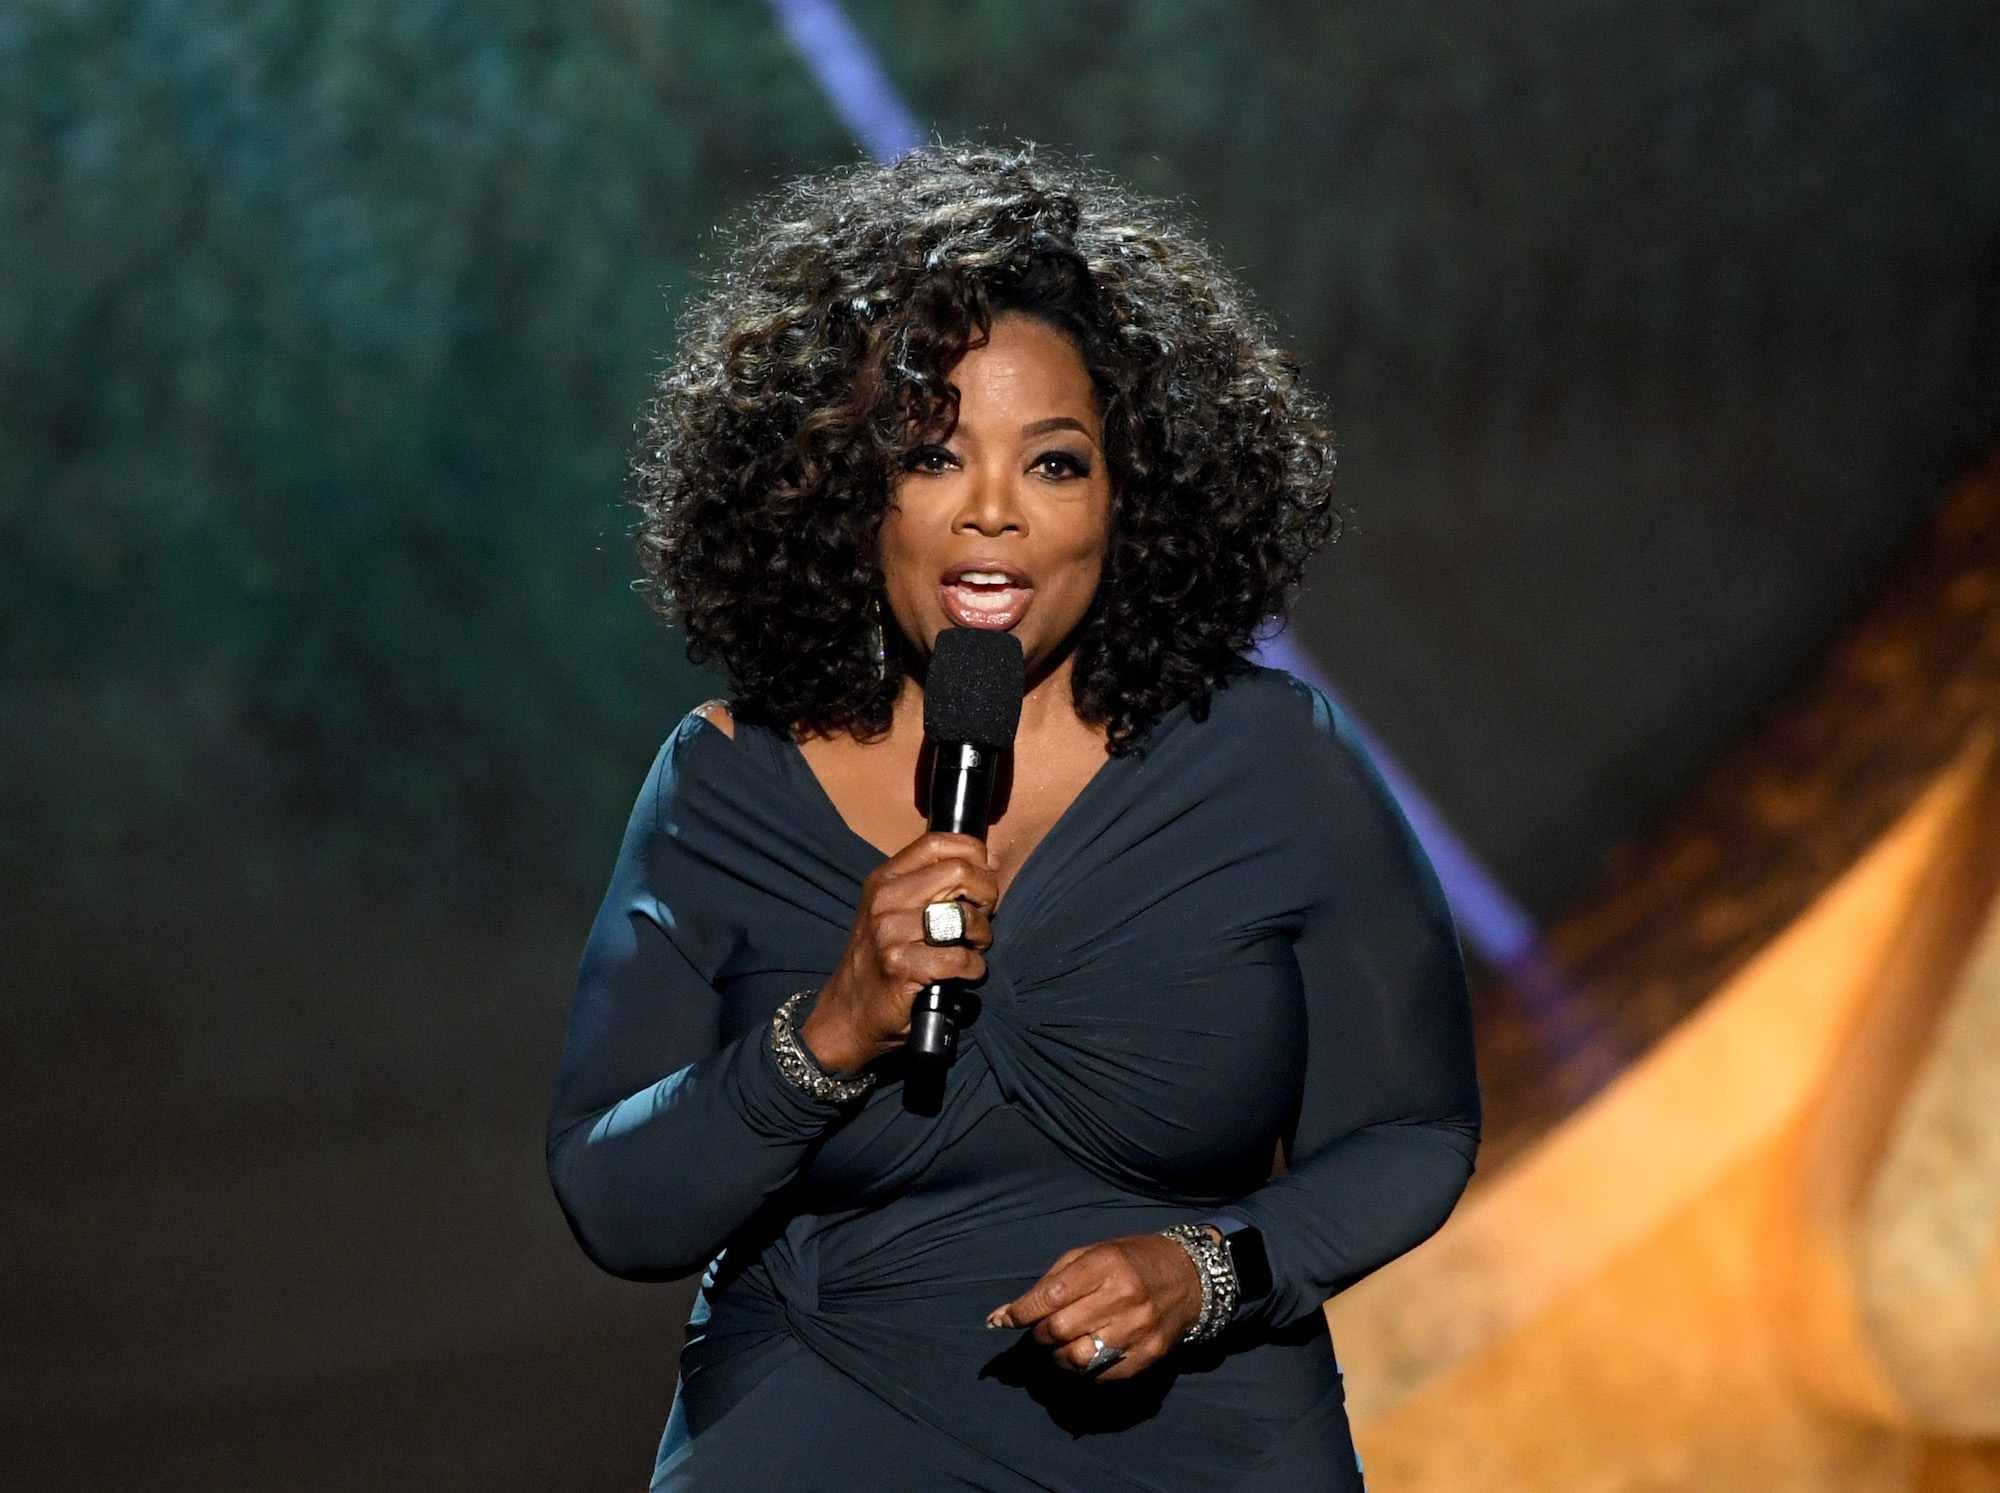 Oprah Winfrey talking to an audience